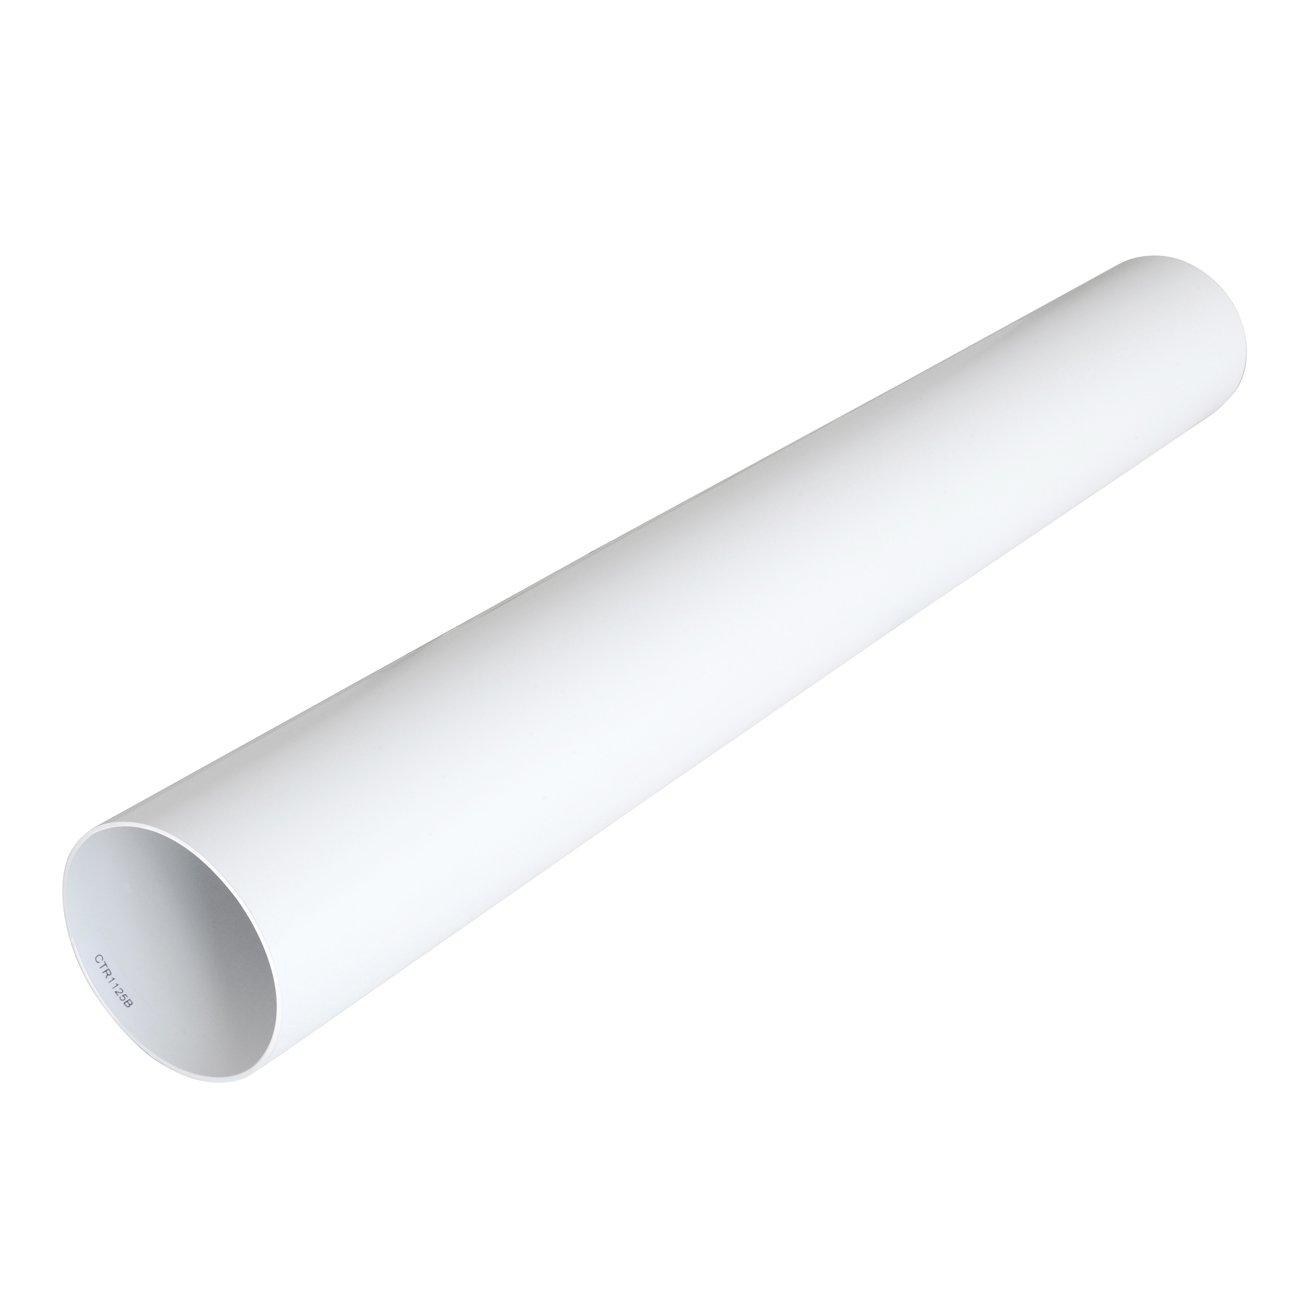 La ventilación ctr1125b Tubo para ventilación canalizzata redondo de PVC, diámetro 125 mm): Amazon.es: Bricolaje y herramientas